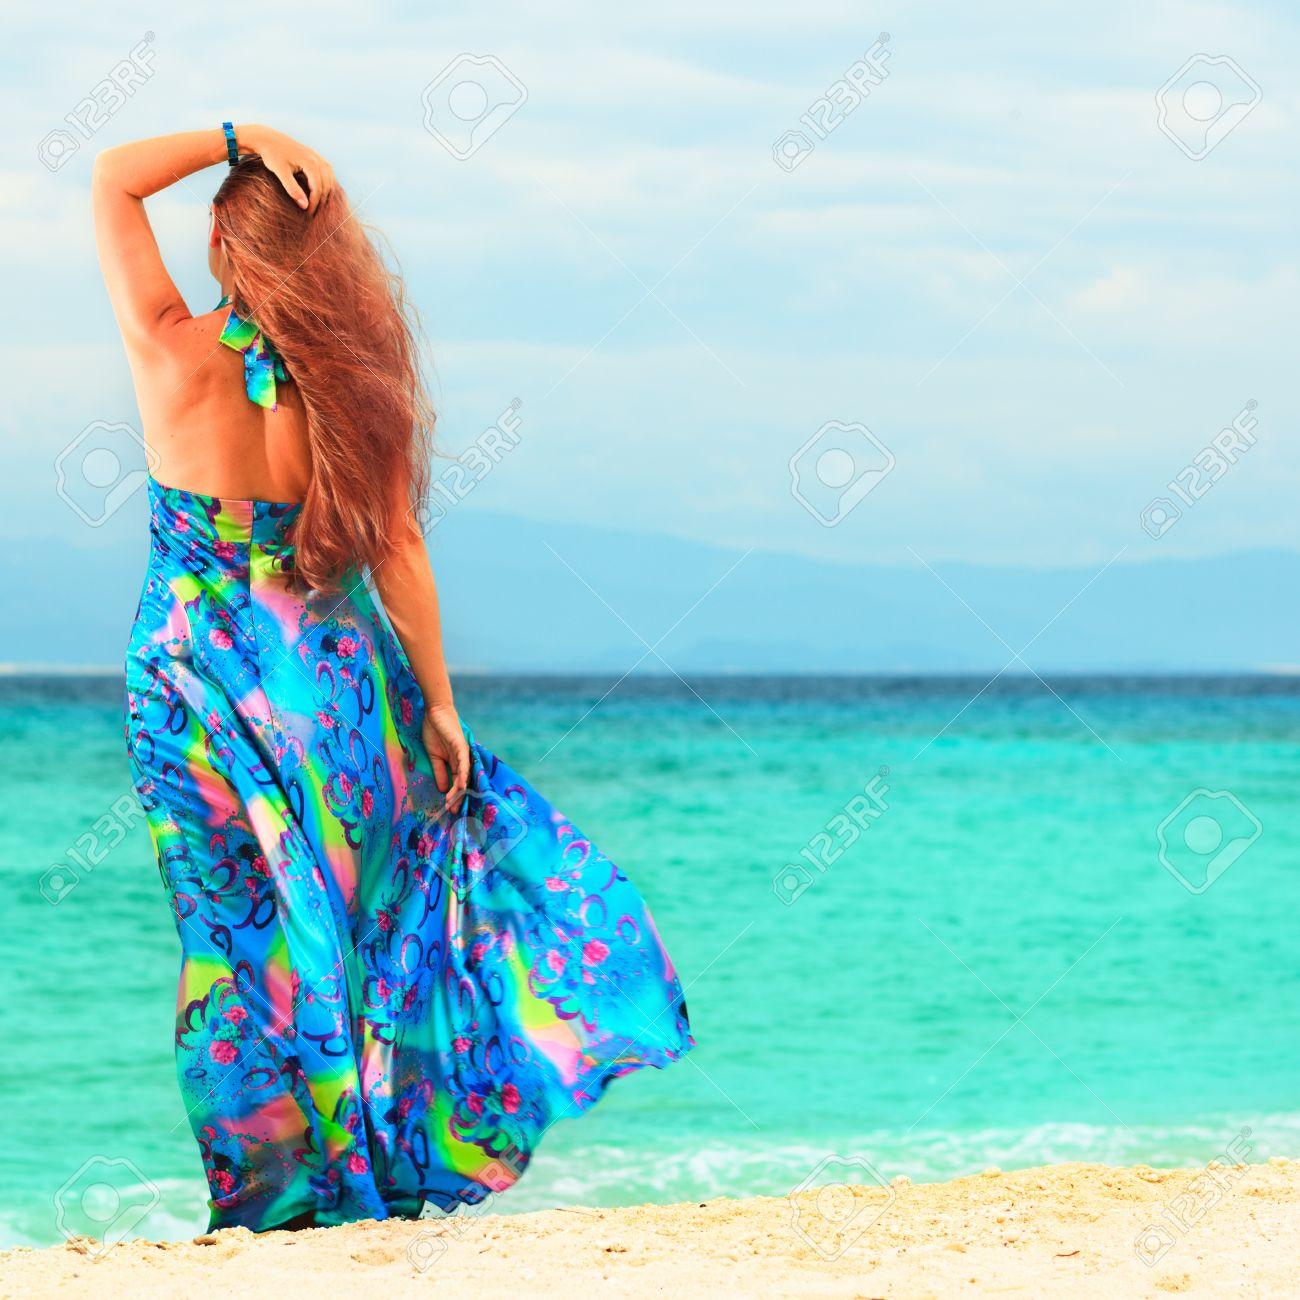 фото женщин на берегу моря фото бесплатно 19